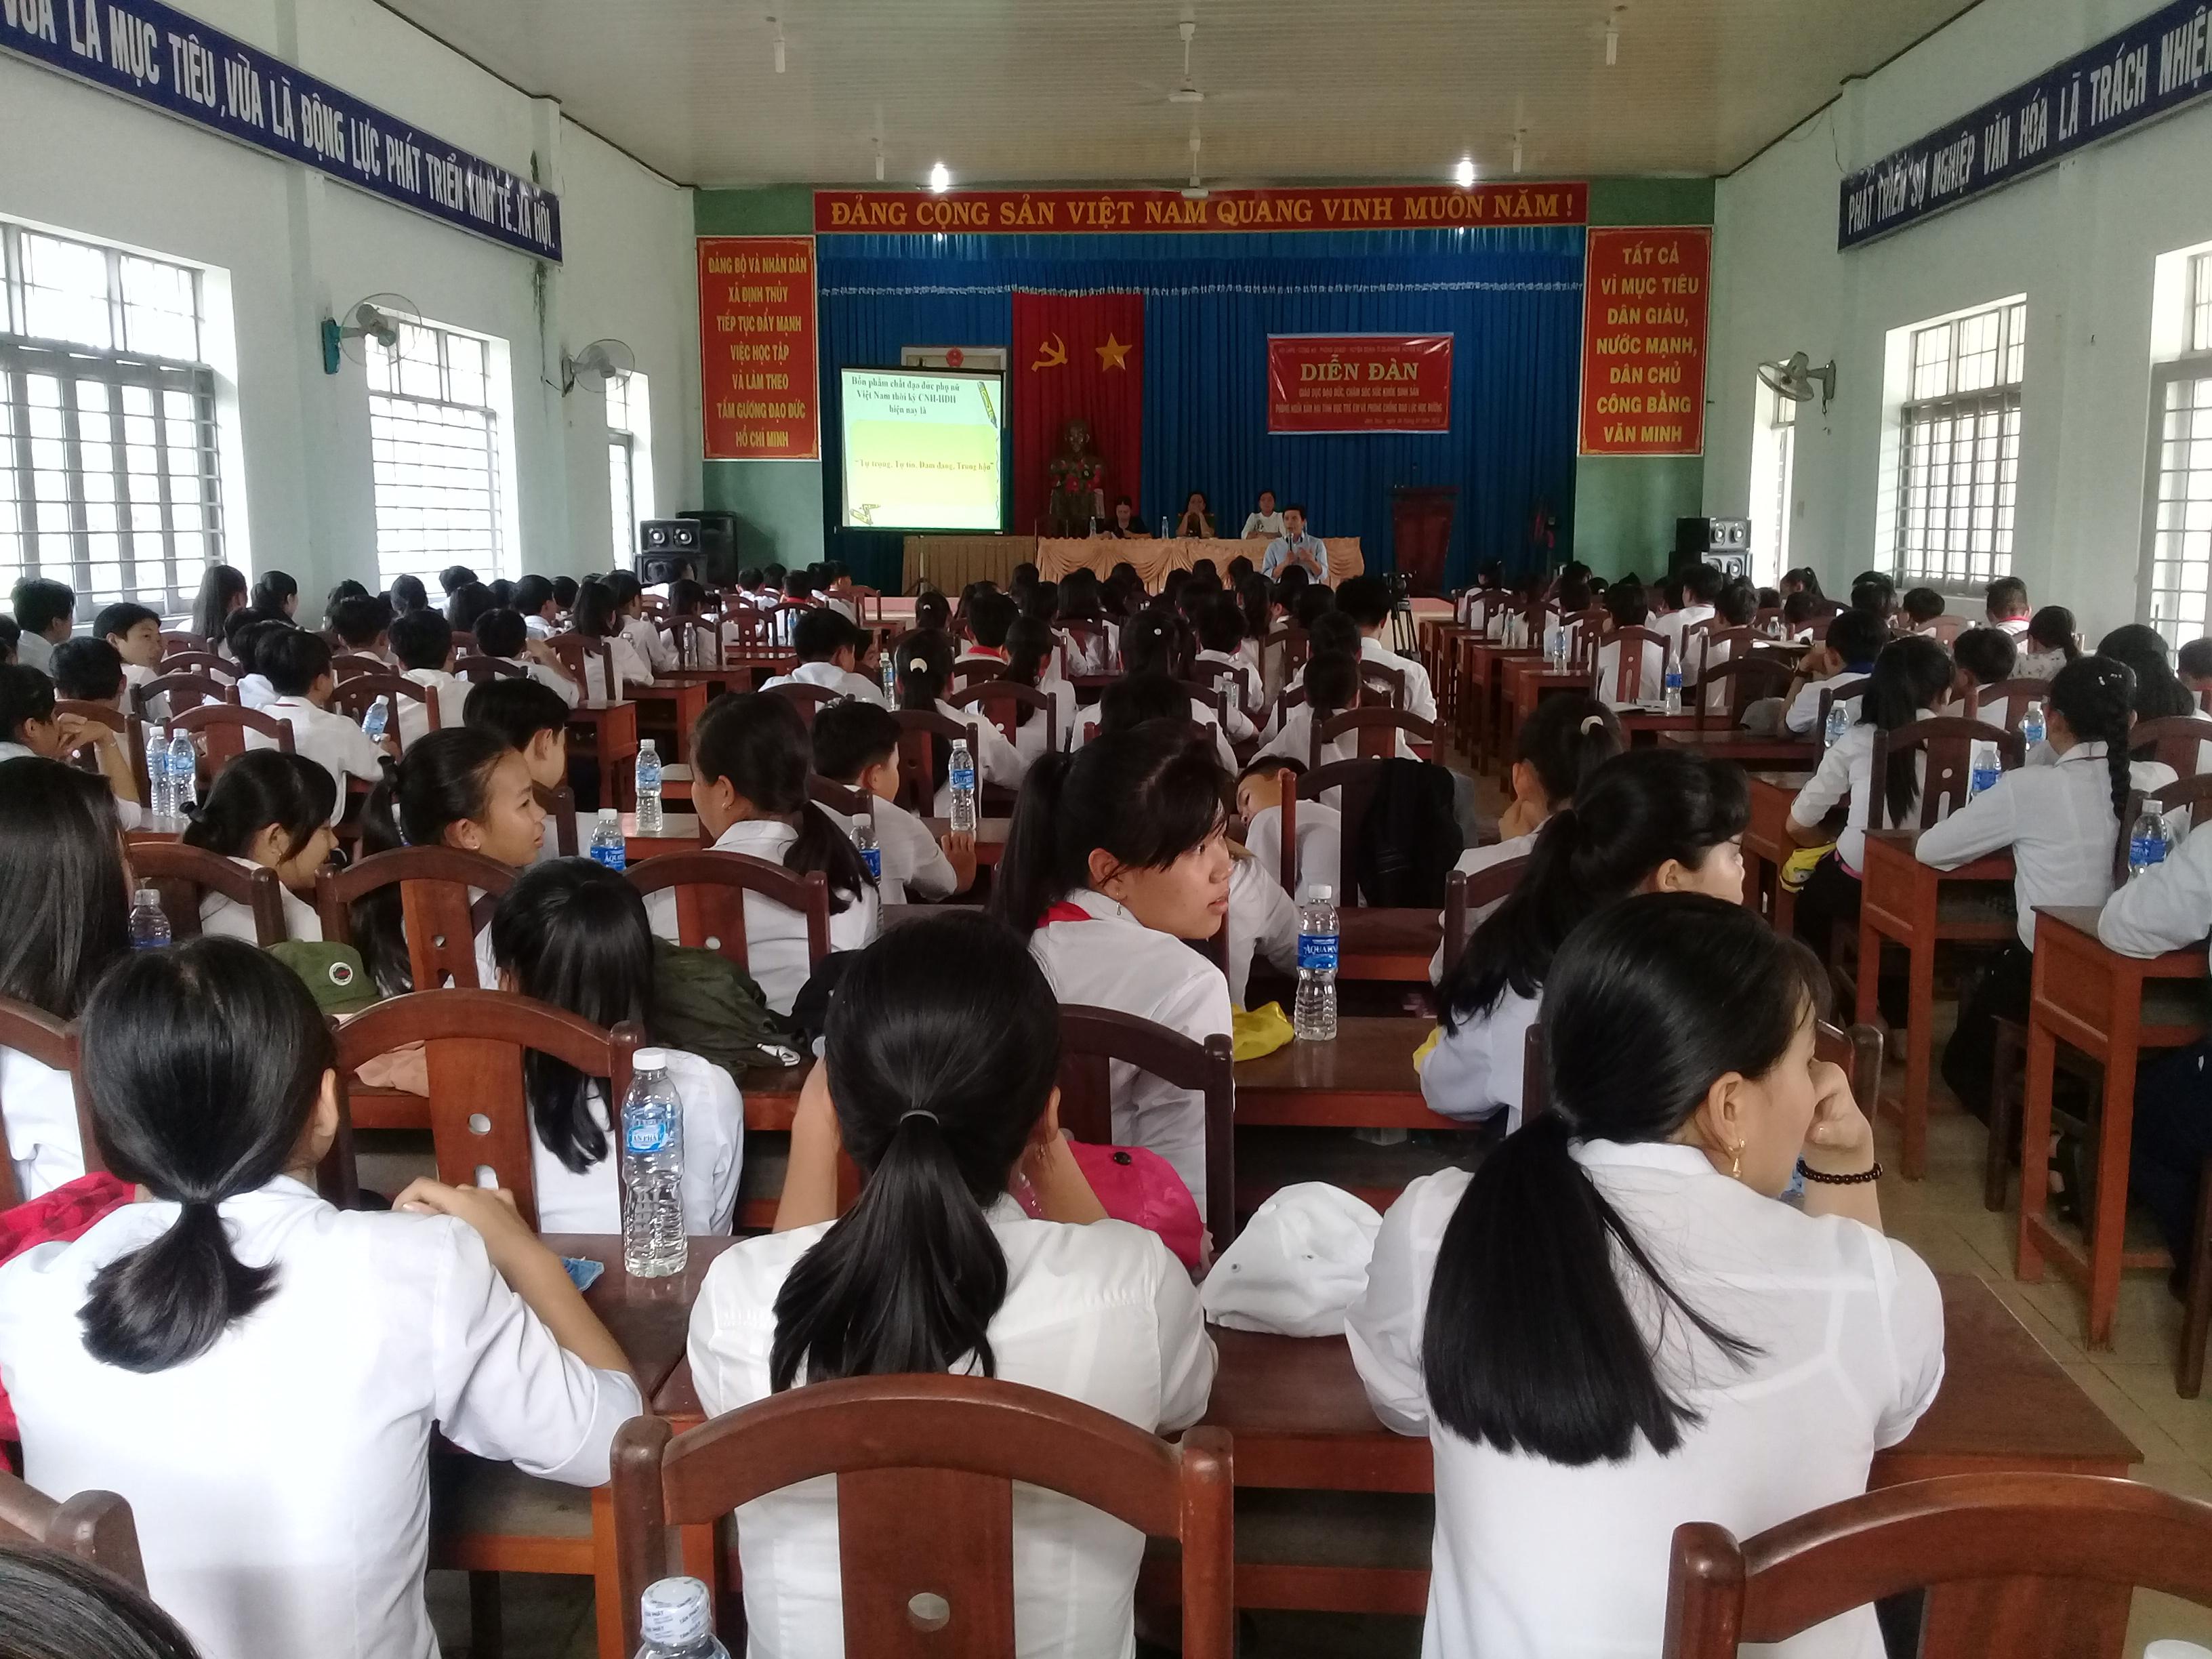 Diễn đàn Giáo dục đạo đức, chăm sóc sức khỏe sinh sản, phòng ngừa xâm hại tình dục trẻ em và phòng chống bạo lực học đường